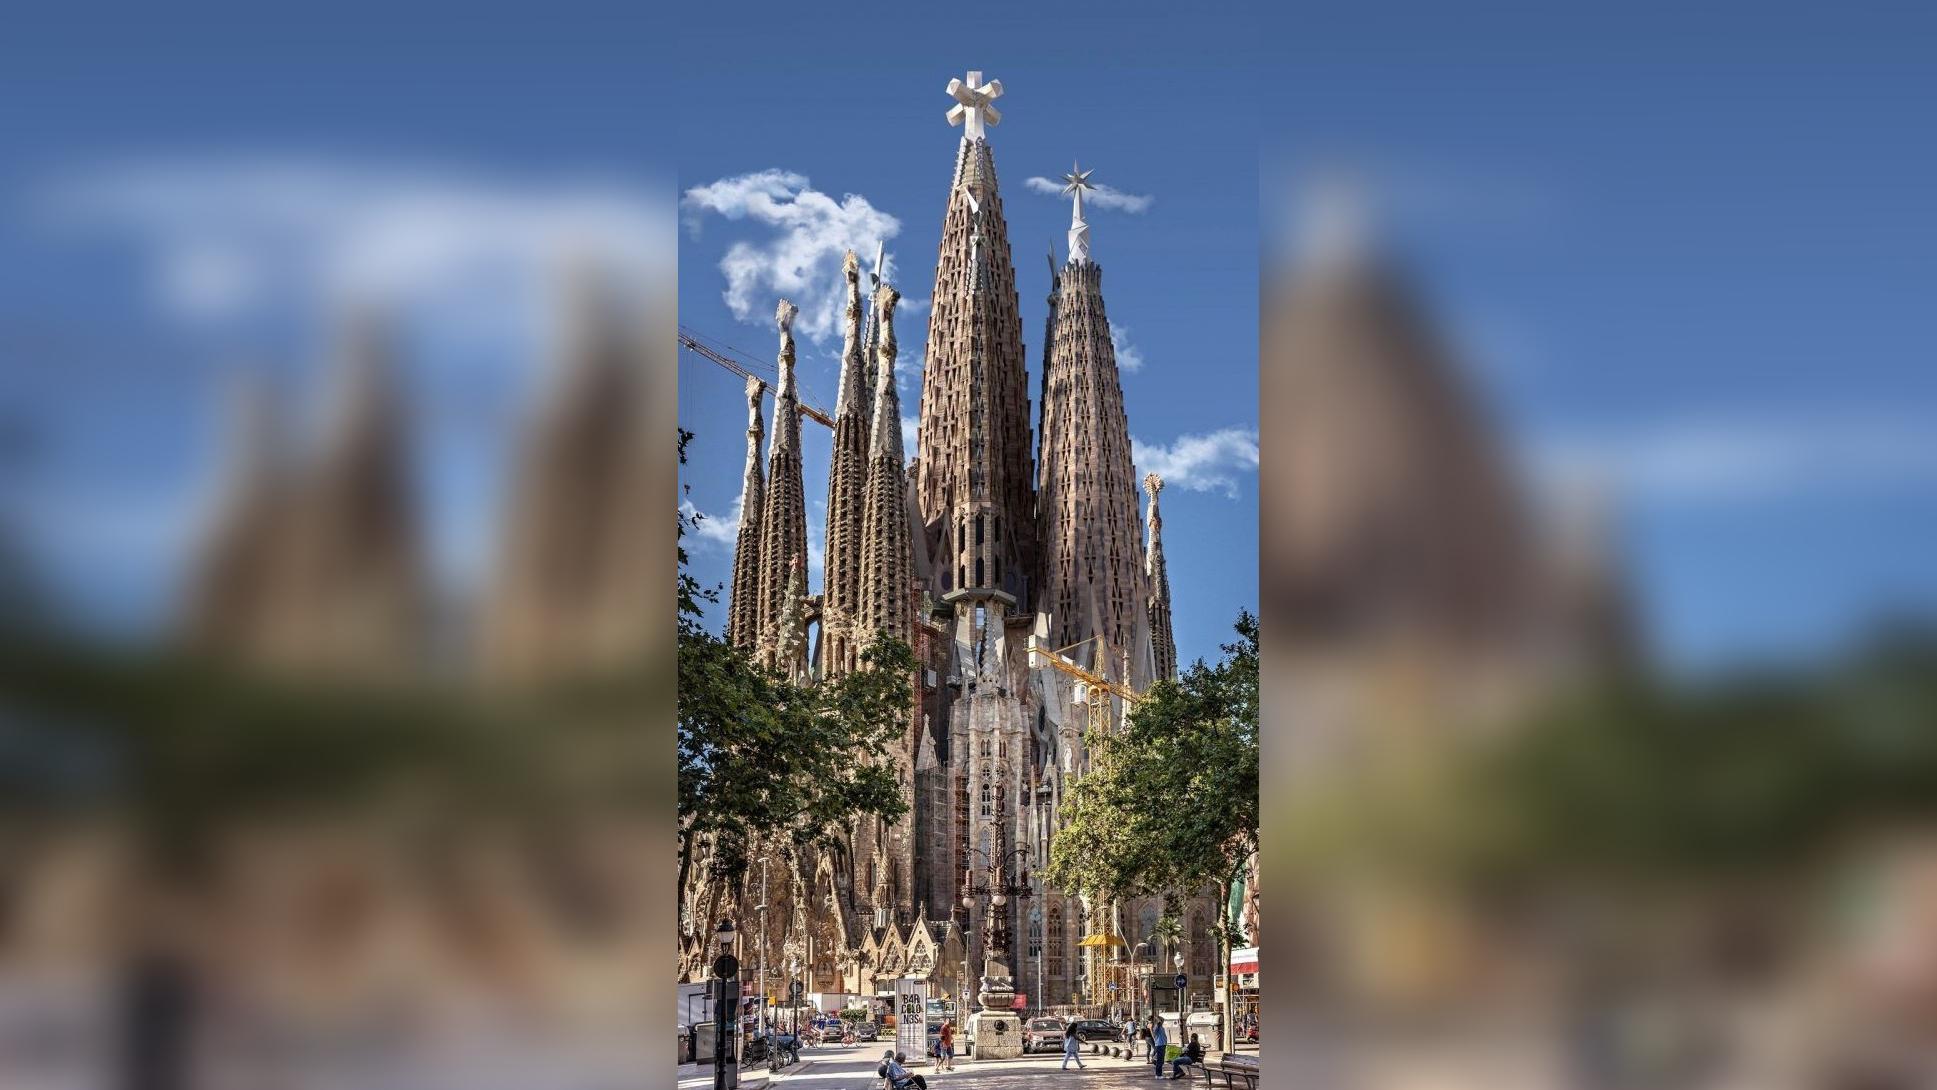 Se estima que la basílica de la Sagrada Familia esté terminada en veinte años más.